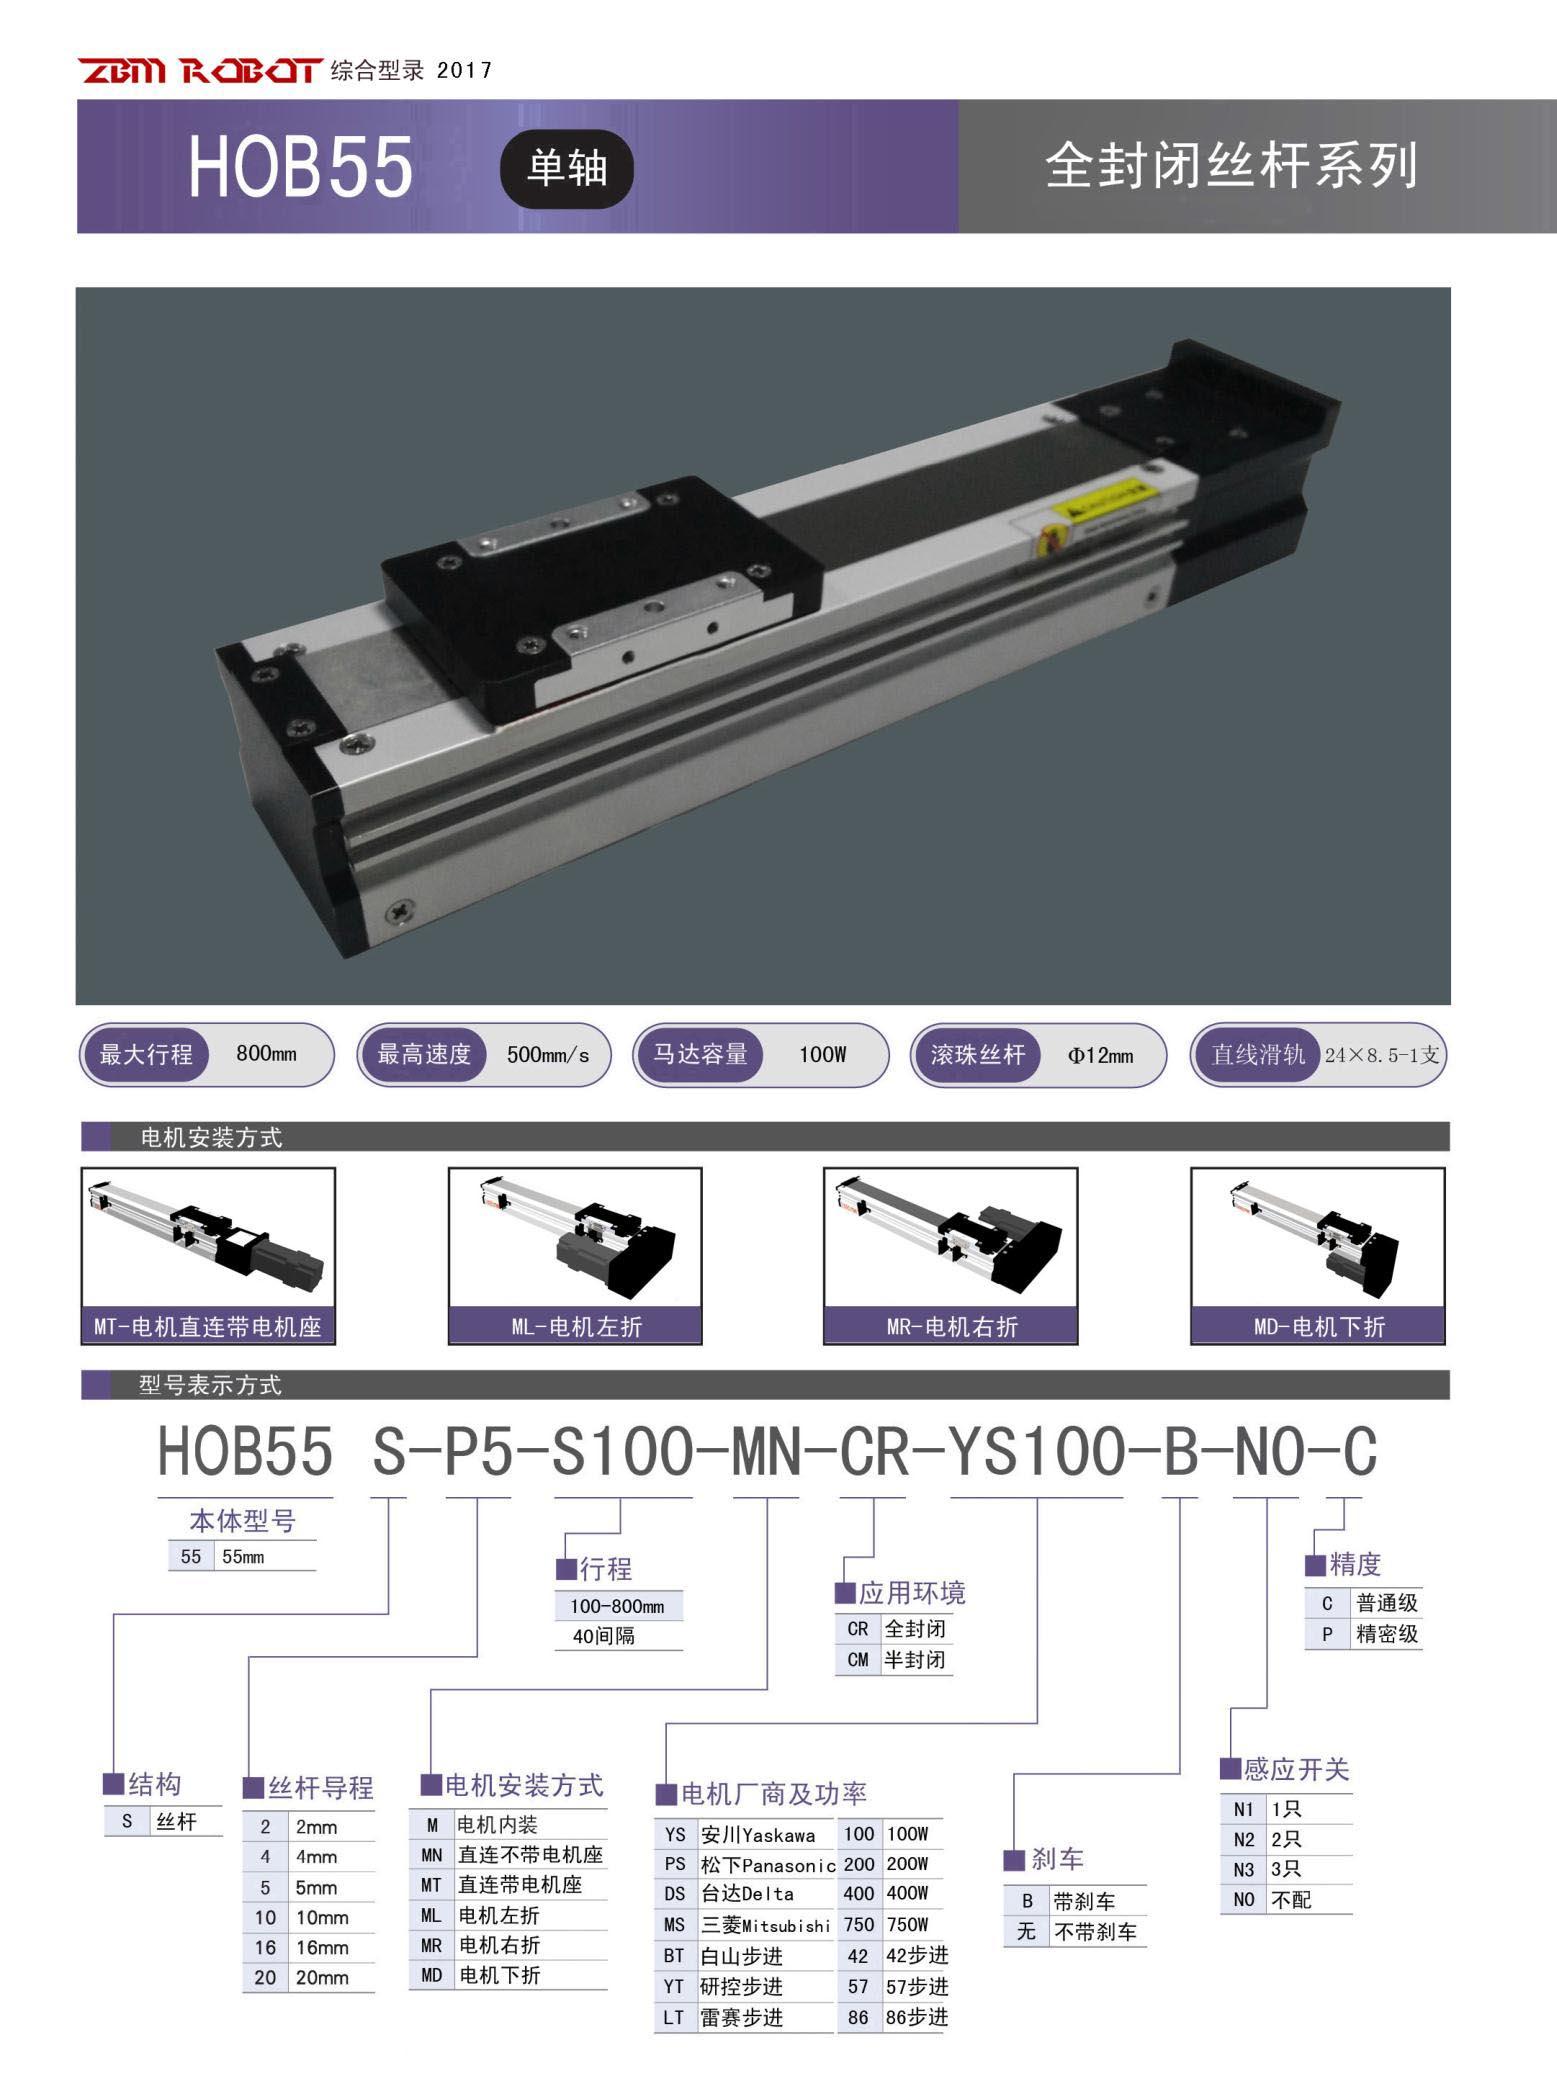 HOB55S-CR|全封闭丝杆模组-深圳市鸿博智能装备有限公司